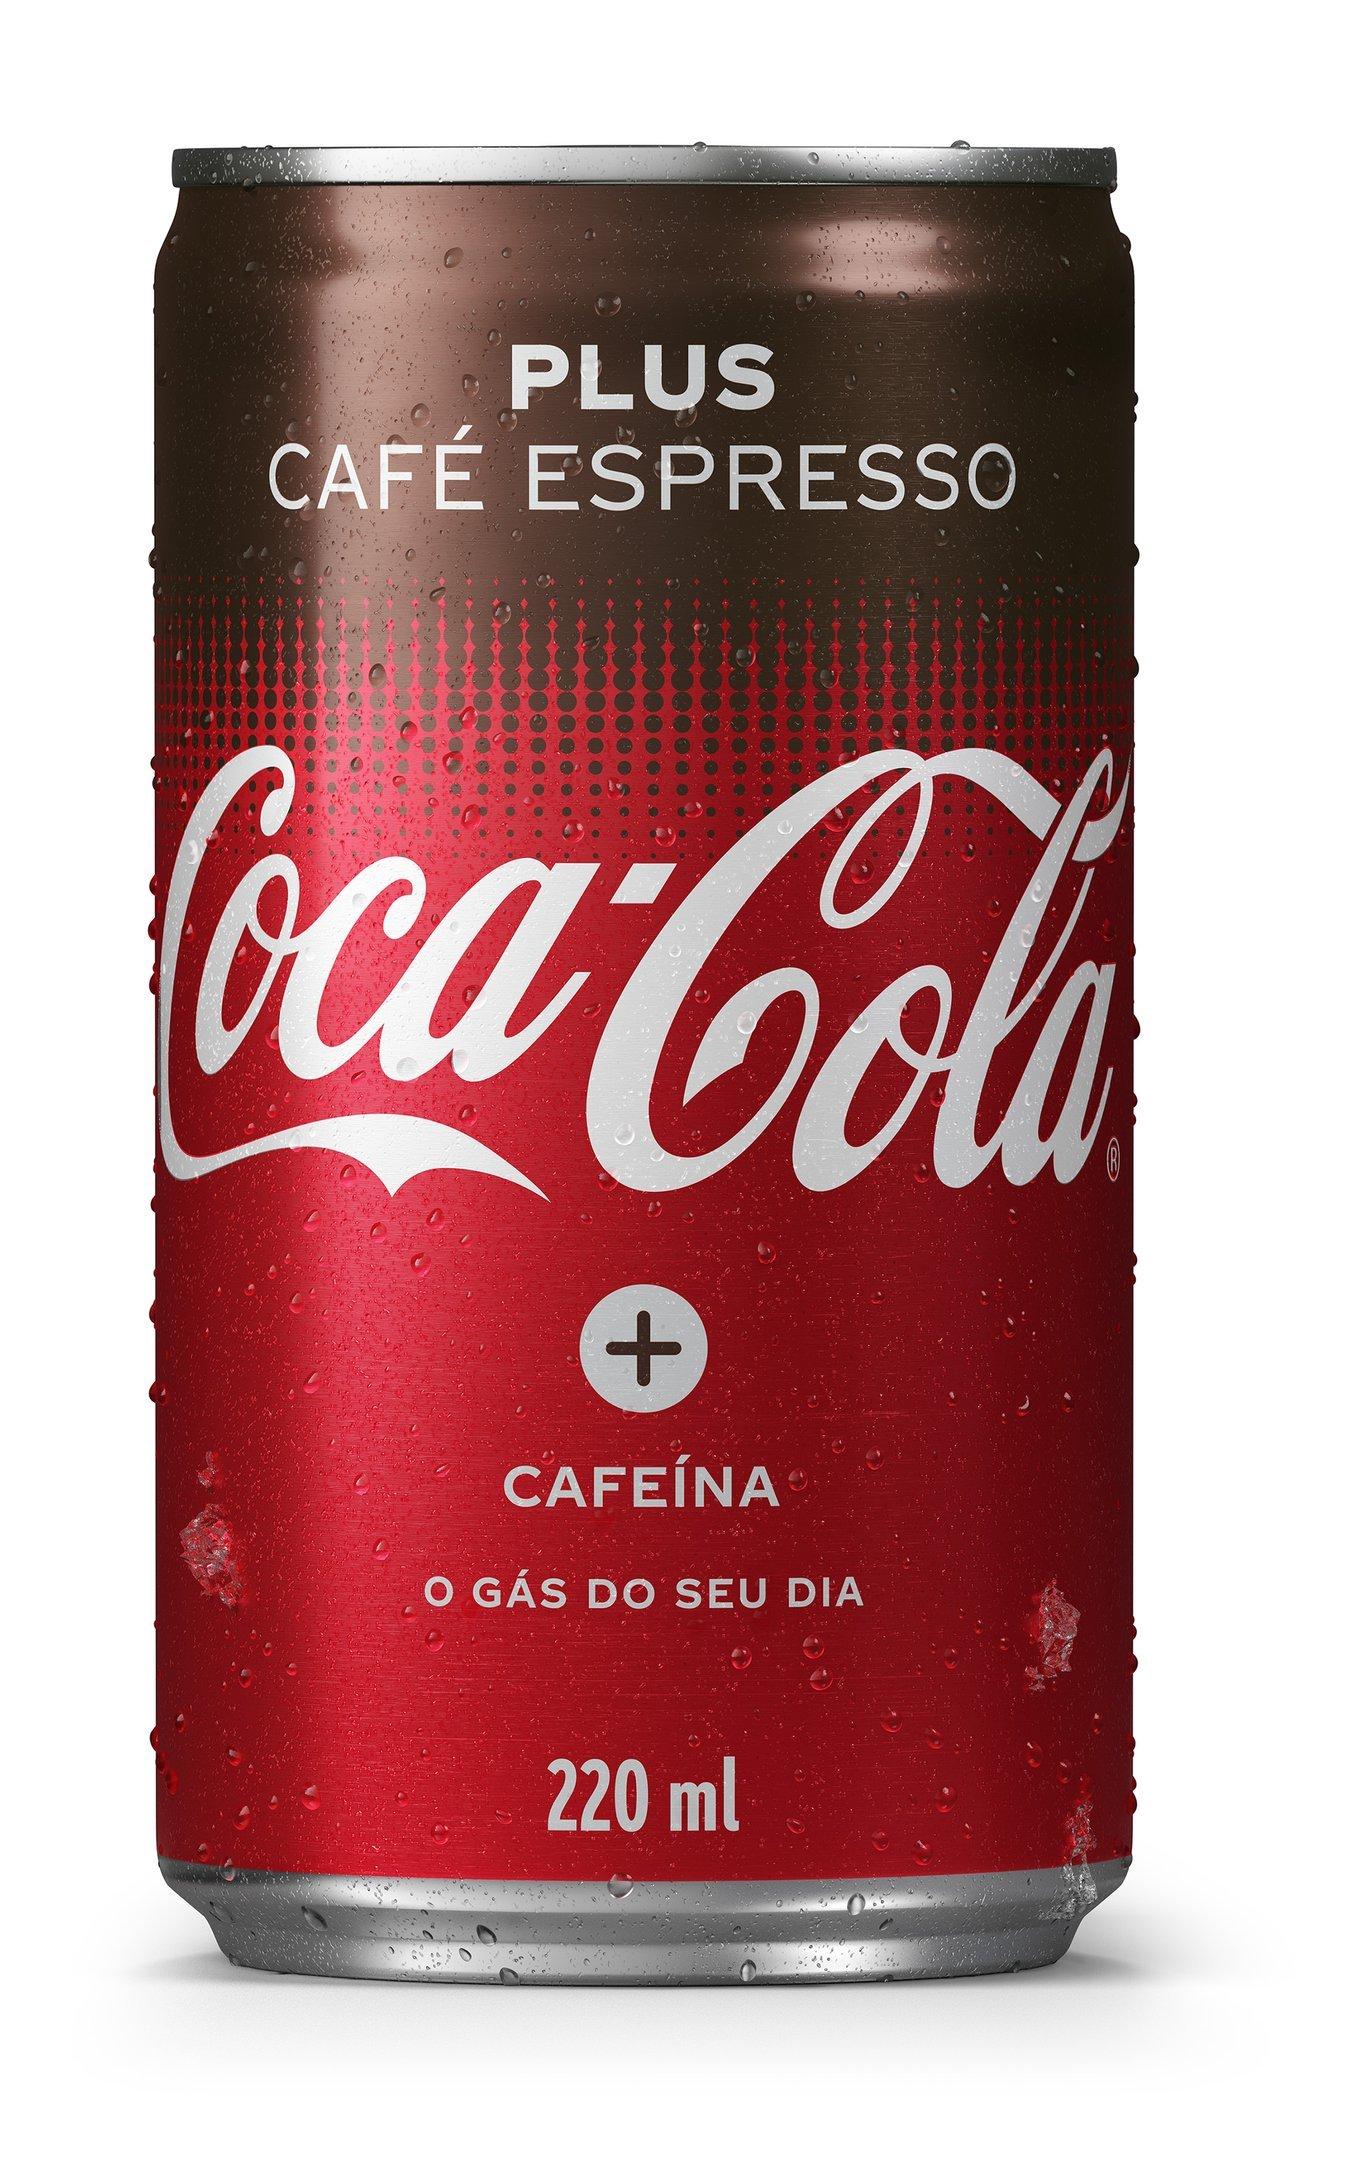 Coca-Cola Plus Café Espresso: lançamento no Brasil